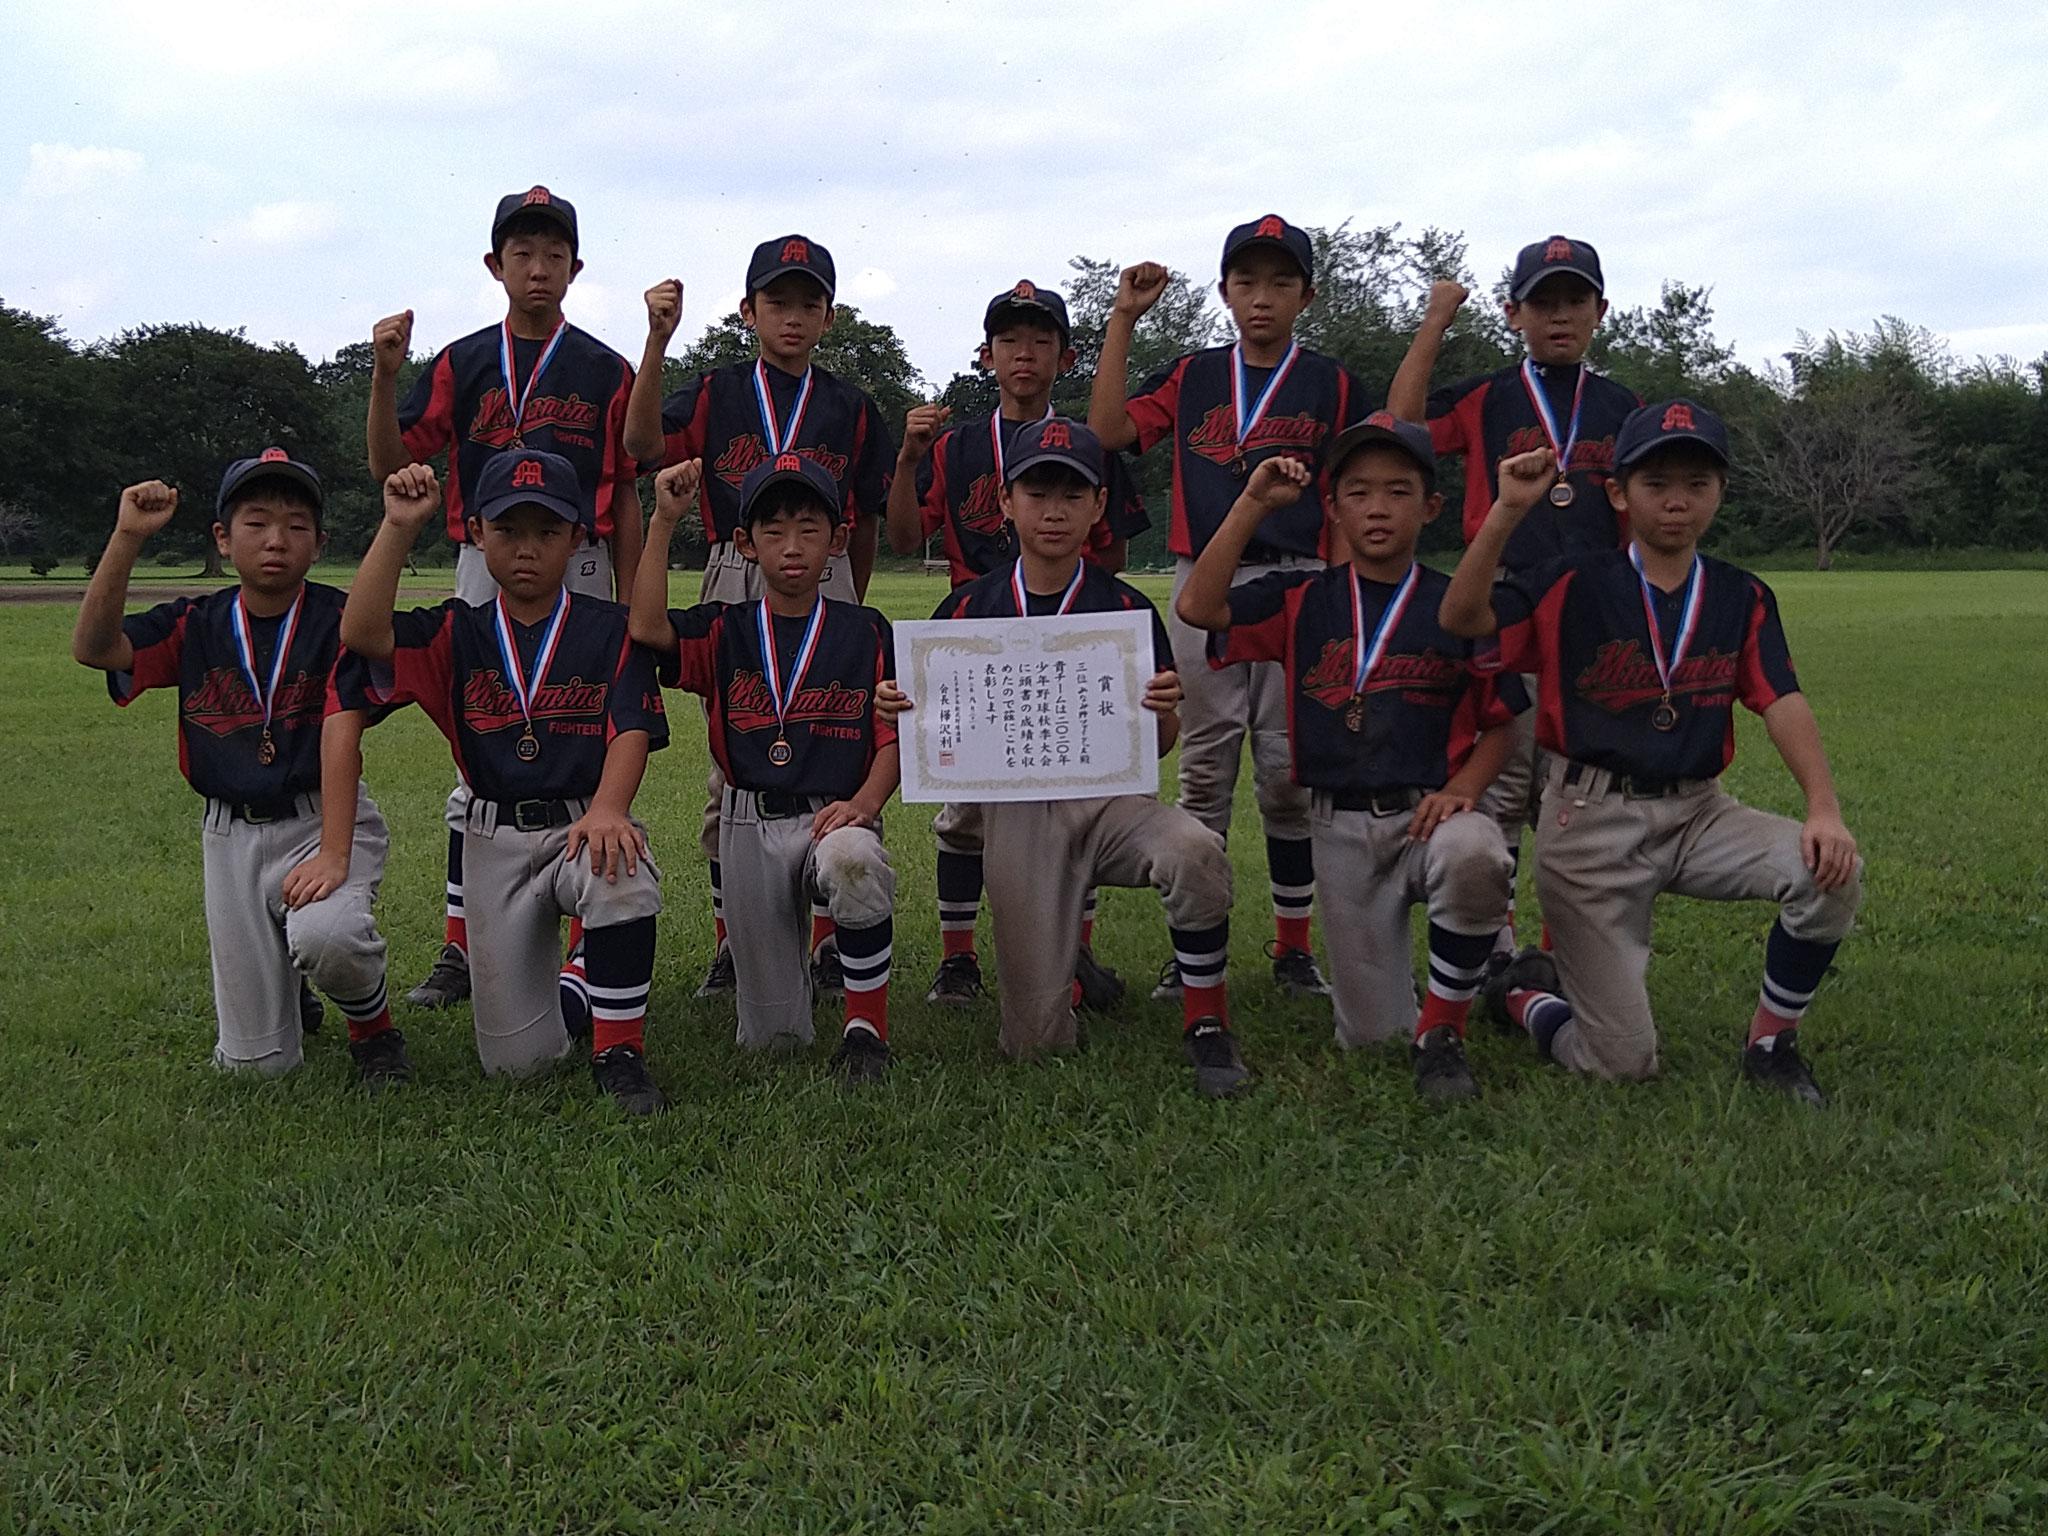 2020年度 八王子少年軟式野球 秋季大会 三位⚾みなみ野ファイターズ 令和2年9月21日